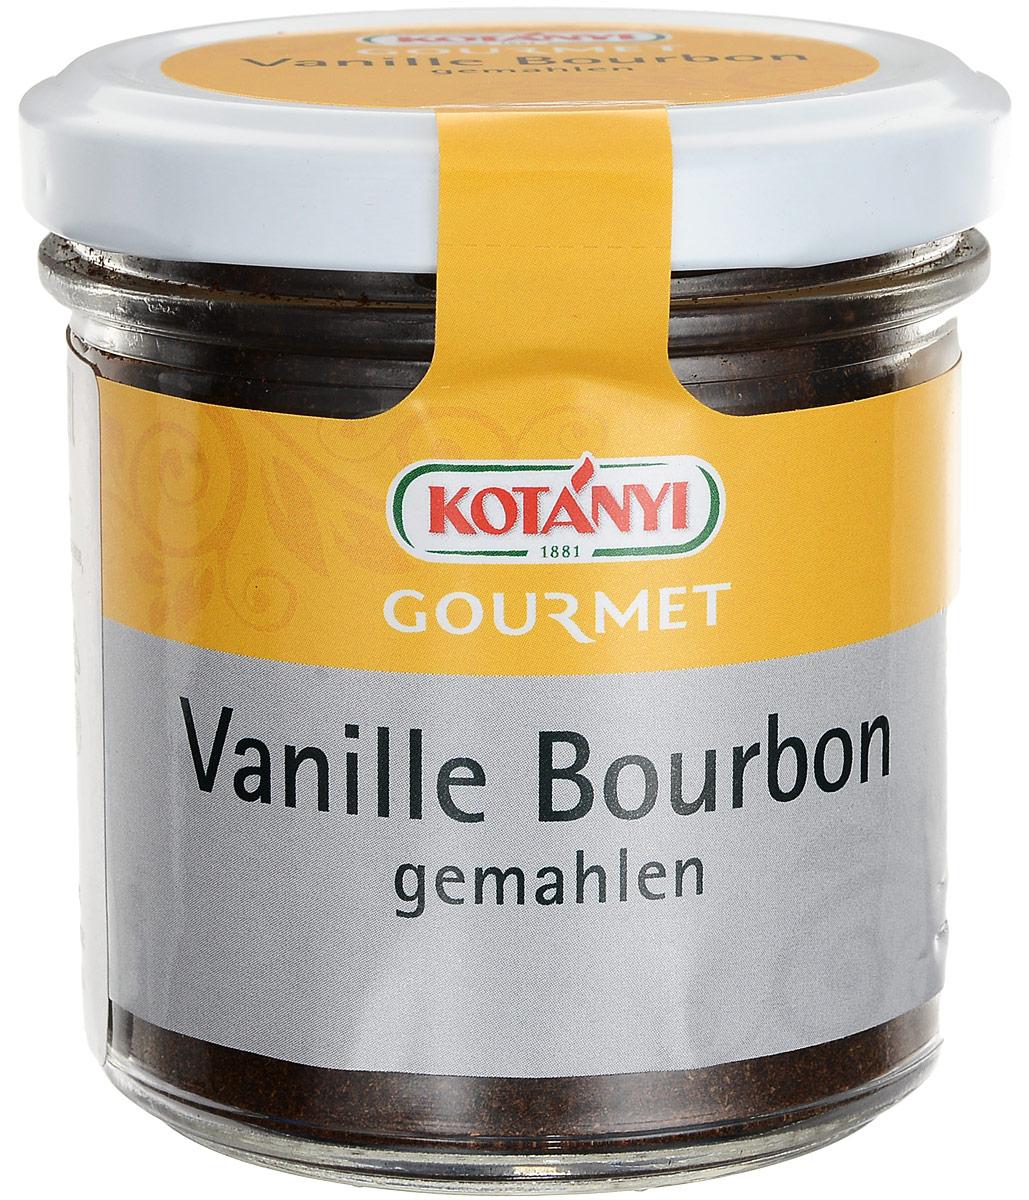 Kotanyi Ваниль бурбонная молотая, 60 г224401Вкус ванили, которую обычно называют «королевой специй», так высоко ценится, что среди специй она стоит по стоимости на втором месте, уступая лишь шафрану. Использование ванили имеет чрезвычайно длительную историю. Инки и ацтеки обожали нежные и очень душистые стручки и применяли их для придания вкуса какао и многим другим блюдам. Изысканную специю употребляли также и в качестве лекарства, и в качестве духов с эффектом афродизиака. По сей день тайна ванили остается неразгаданной. Наконец у вас есть возможность насладиться подлинным вкусом ванили, черпать ее ложками, так как Kotanyi теперь предлагает вам чистую молотую ваниль, удобную новинку для истинных поклонников этой специи! Ваниль облегчает и ускоряет приготовление пищи, придавая ей особый вкус и аромат. Продукт легко добавлять в блюдо, и его вид радует глаз. Благодаря молотой ванили десерты и сладкие блюда будут дарить гостям чувственный опыт, а соления приобретут неповторимую экзотическую нотку. ...